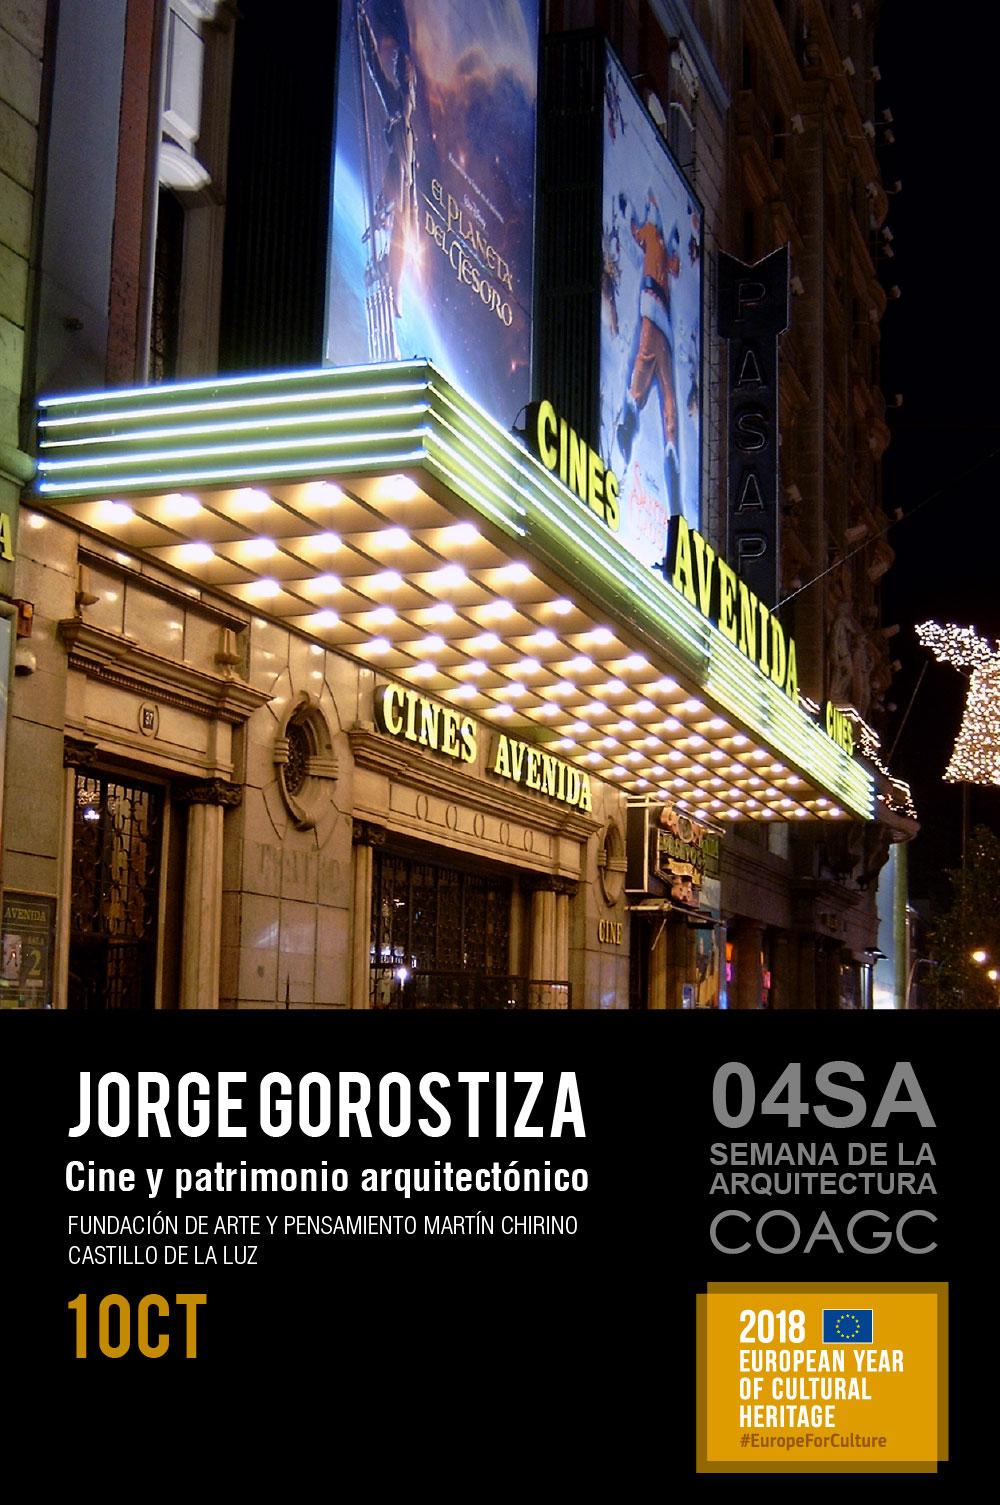 Conferencia-debate 'Cine y patrimonio arquitectónico' de Jorge Gorostiza